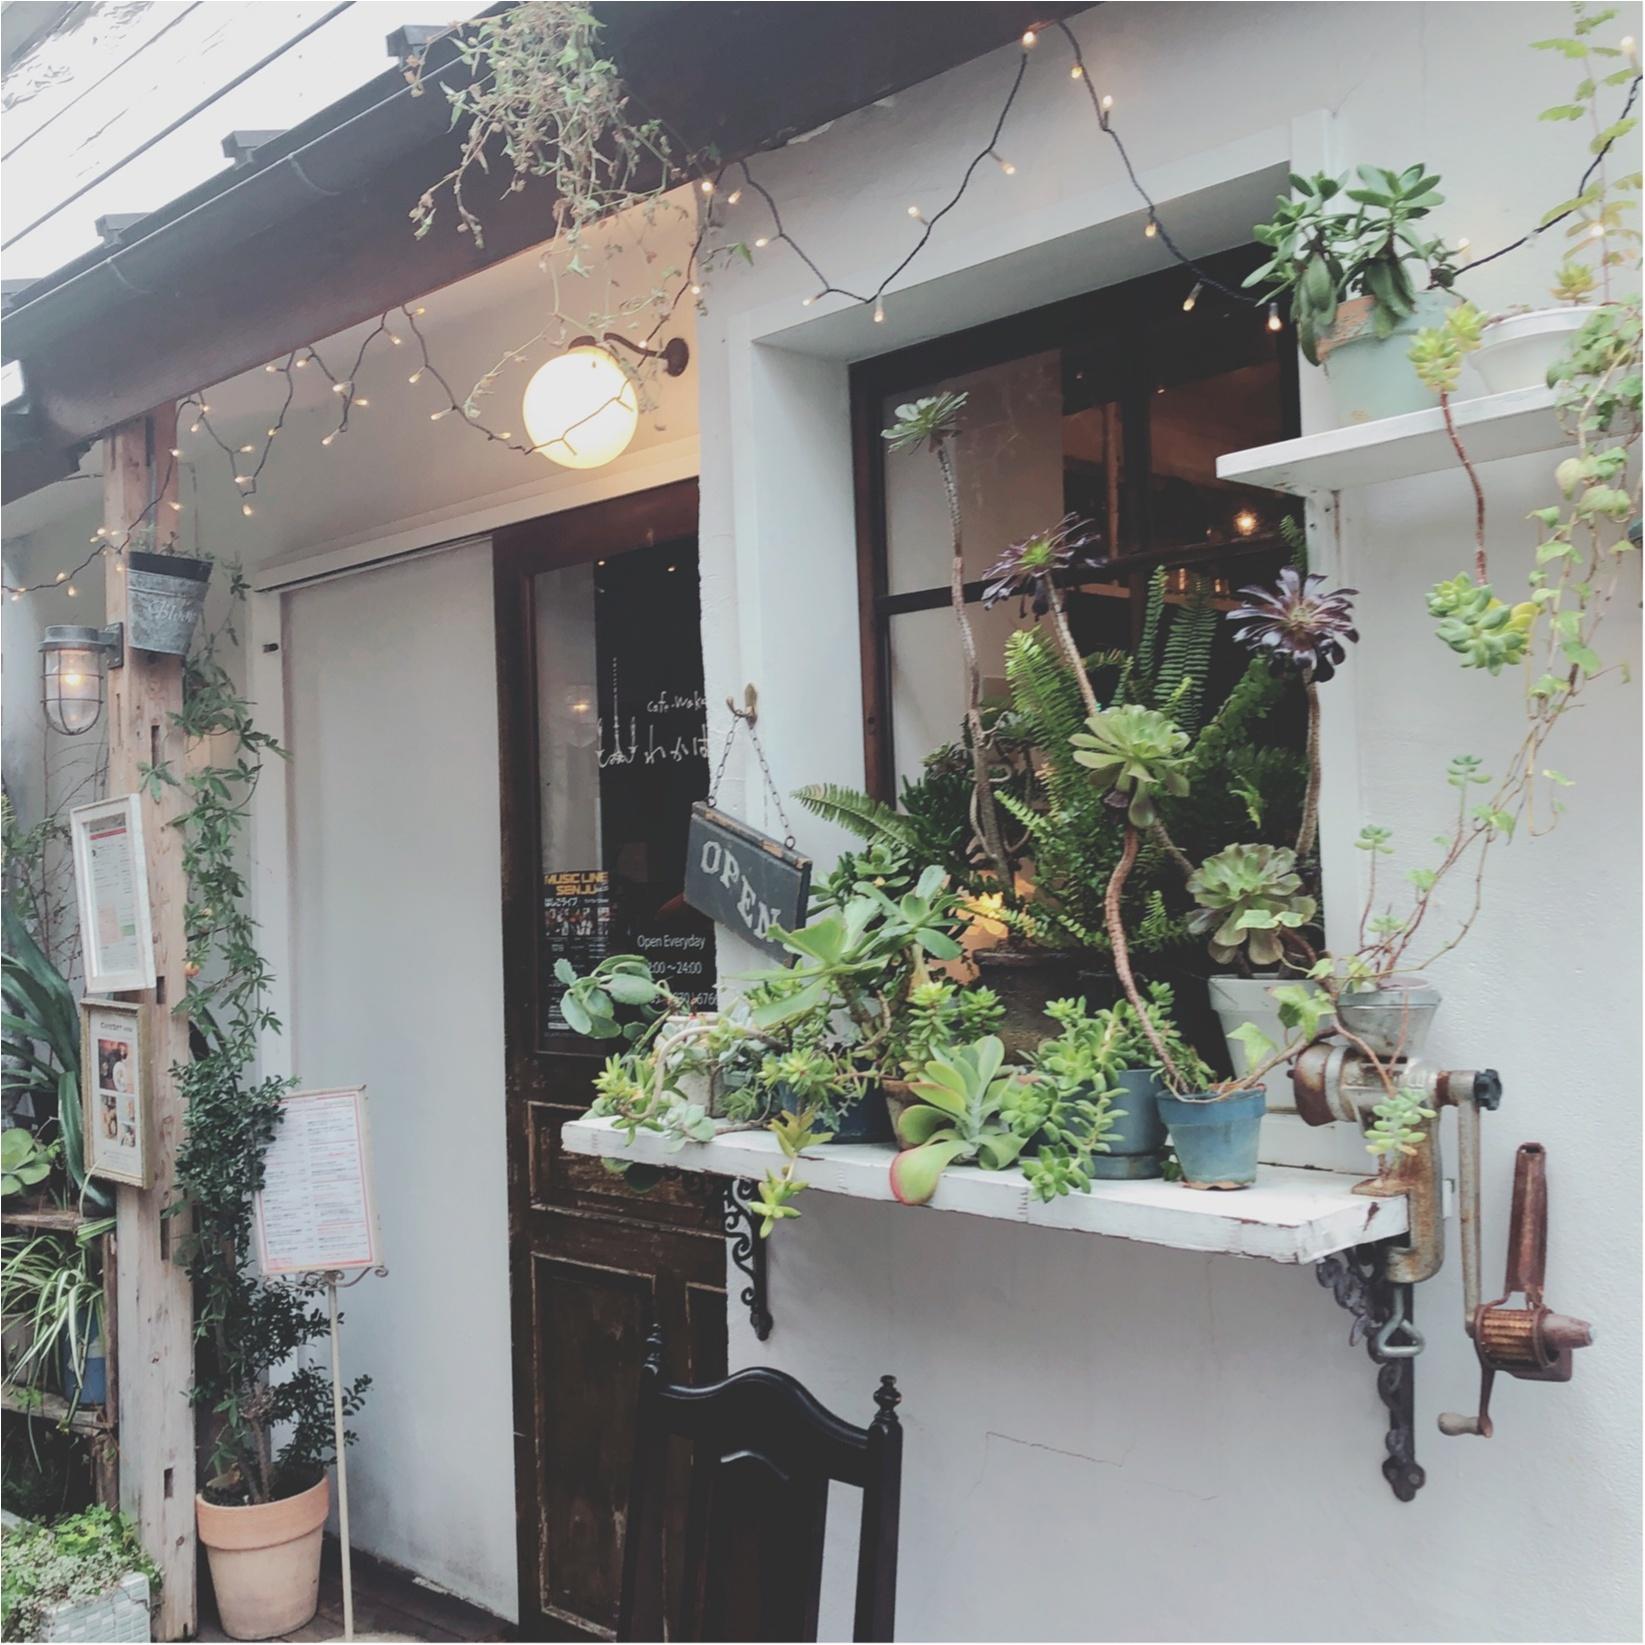 【古民家cafe★】とても古民家だったなんて思わせないお洒落〜っなカフェへ行ってきました♡♡今なら可愛いChristmas限定スイーツも・・♥︎_2